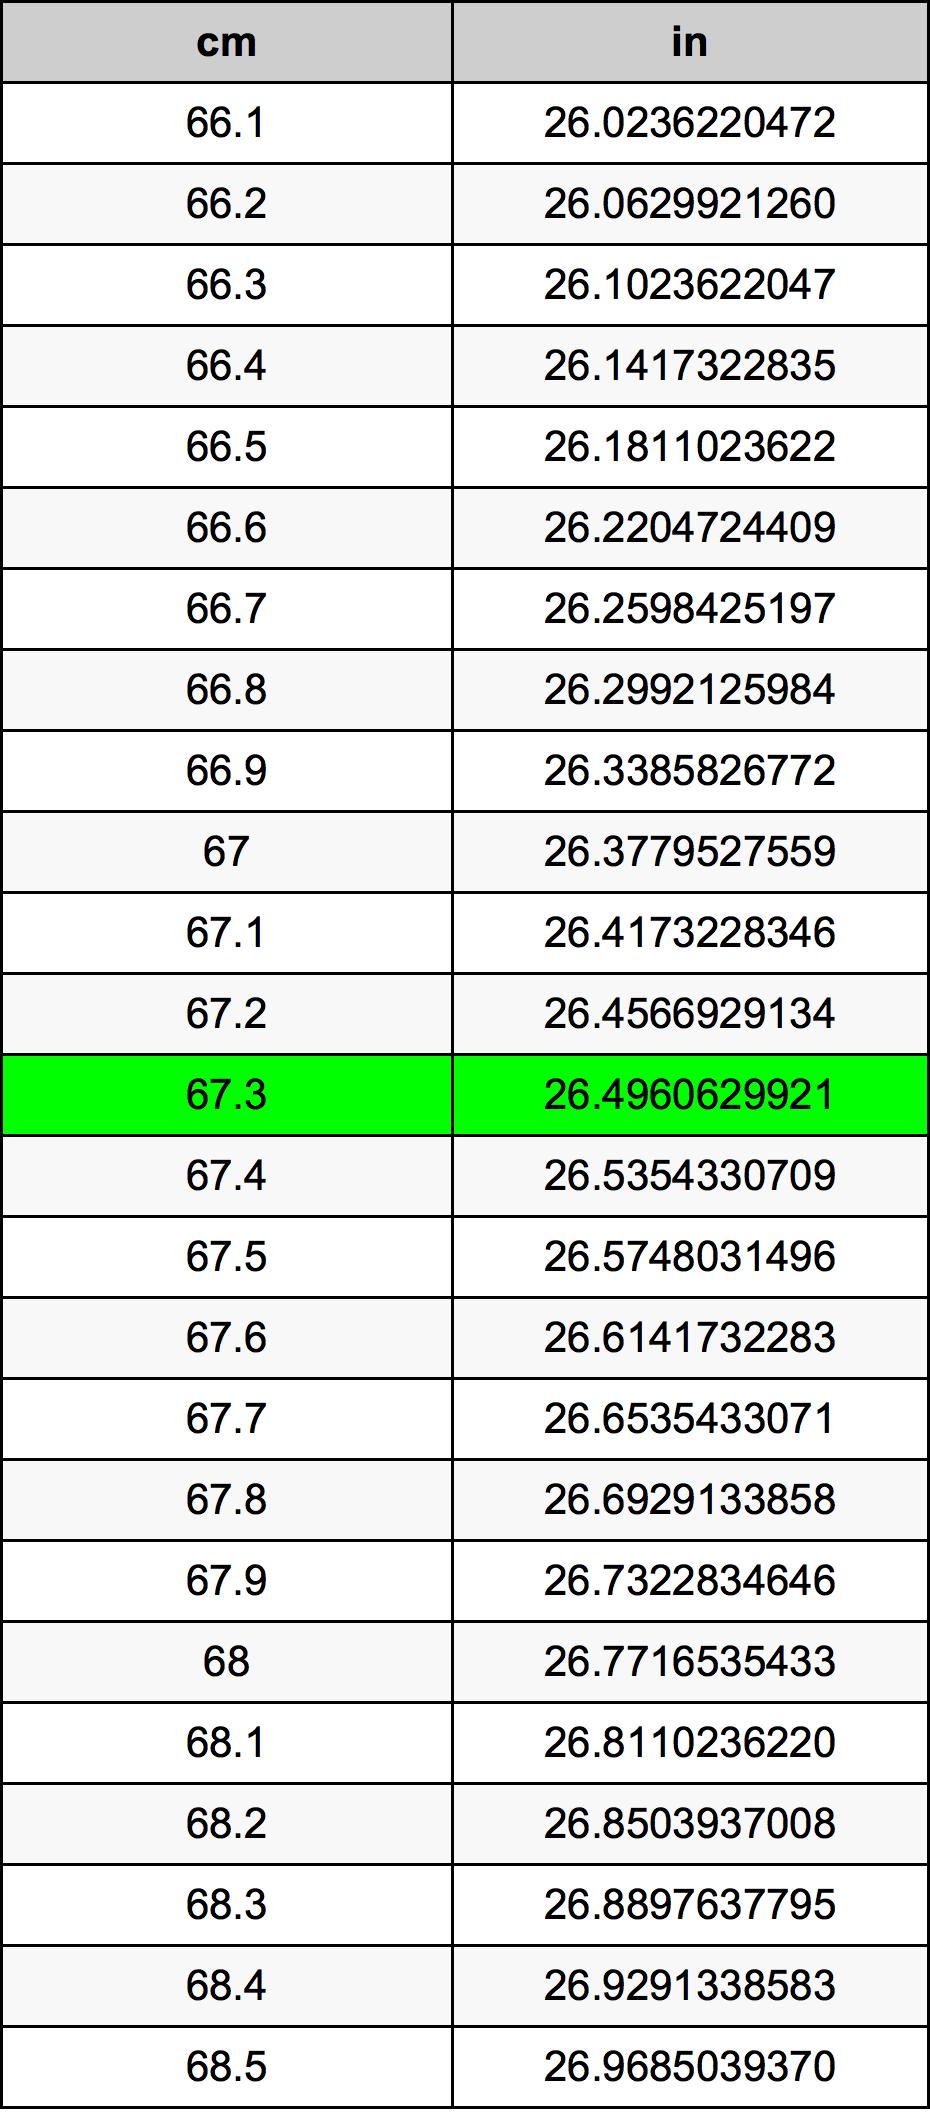 67.3 Centímetro tabela de conversão